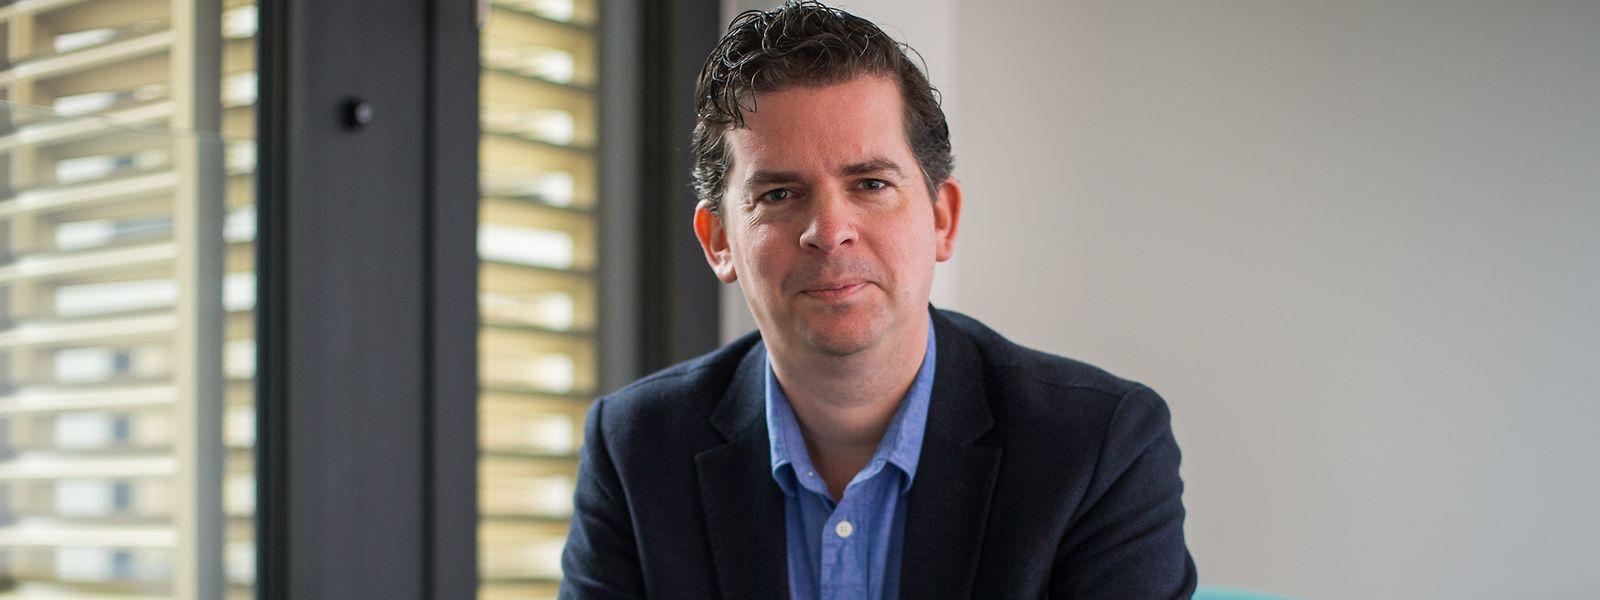 """Thomas Lenz ist Bildungsforscher an der Uni Luxemburg und einer der beiden Herausgeber des Sammelbands """"Die Schule der Nation""""."""